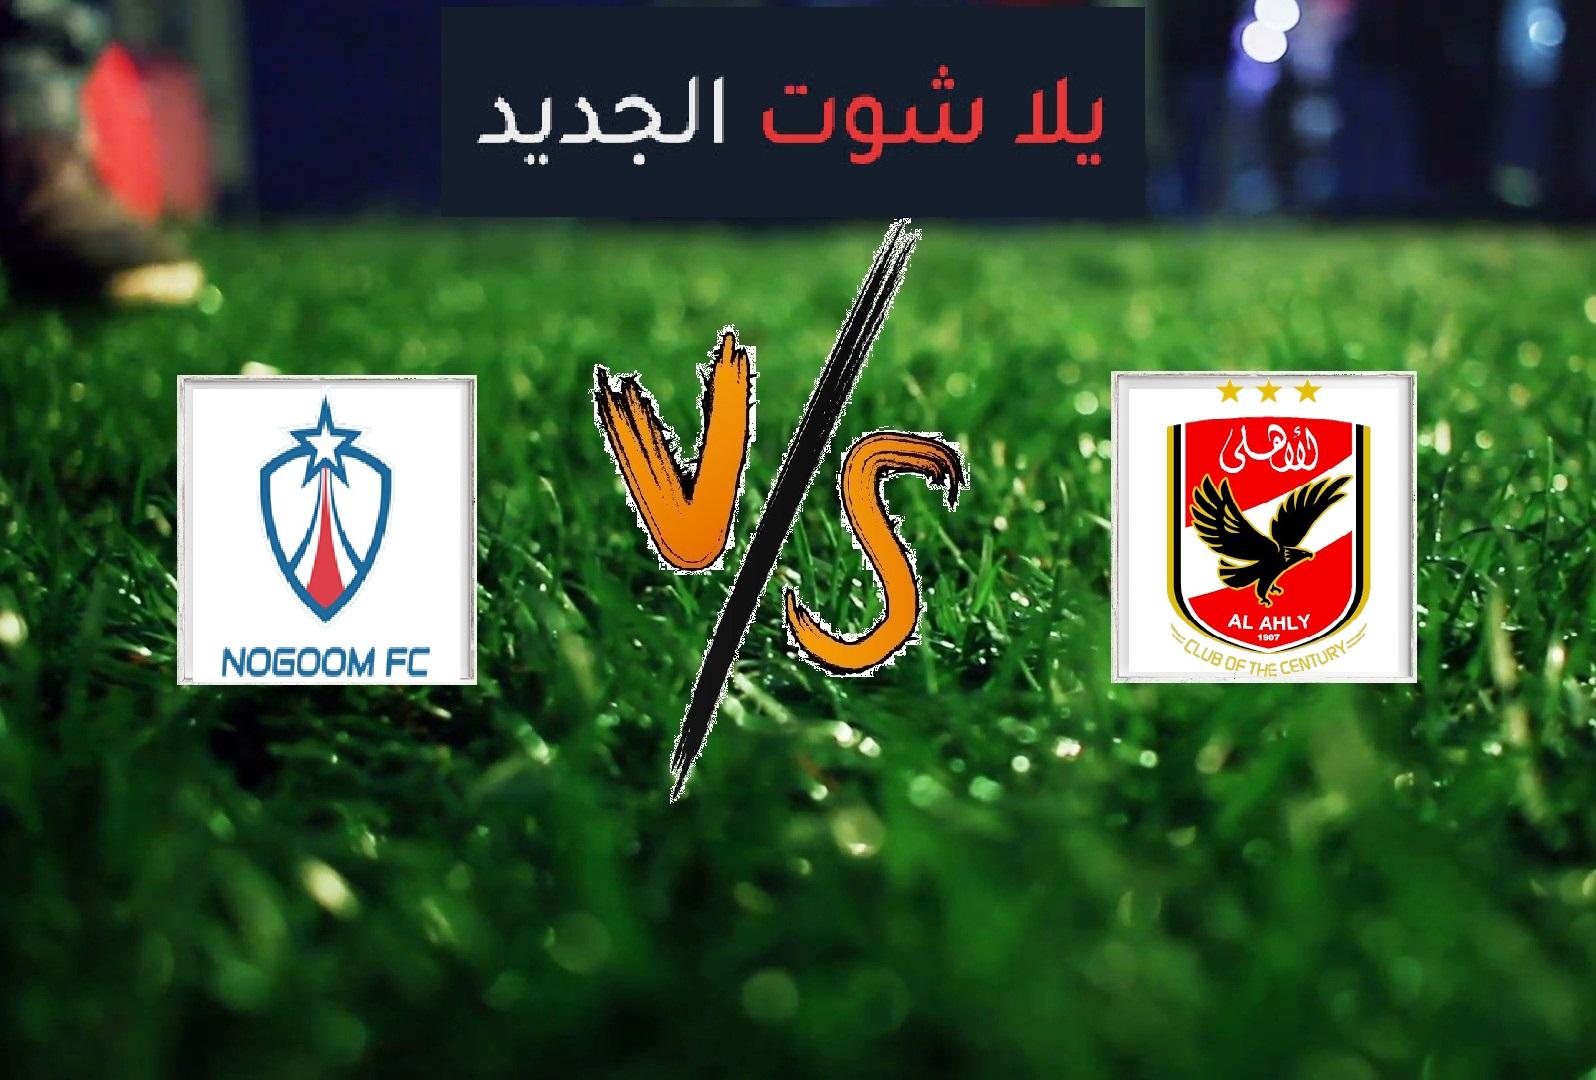 الاهلي يفوز على النجوم بهدفين دون رد في الجولة الـ29 من بطولة الدوري المصري